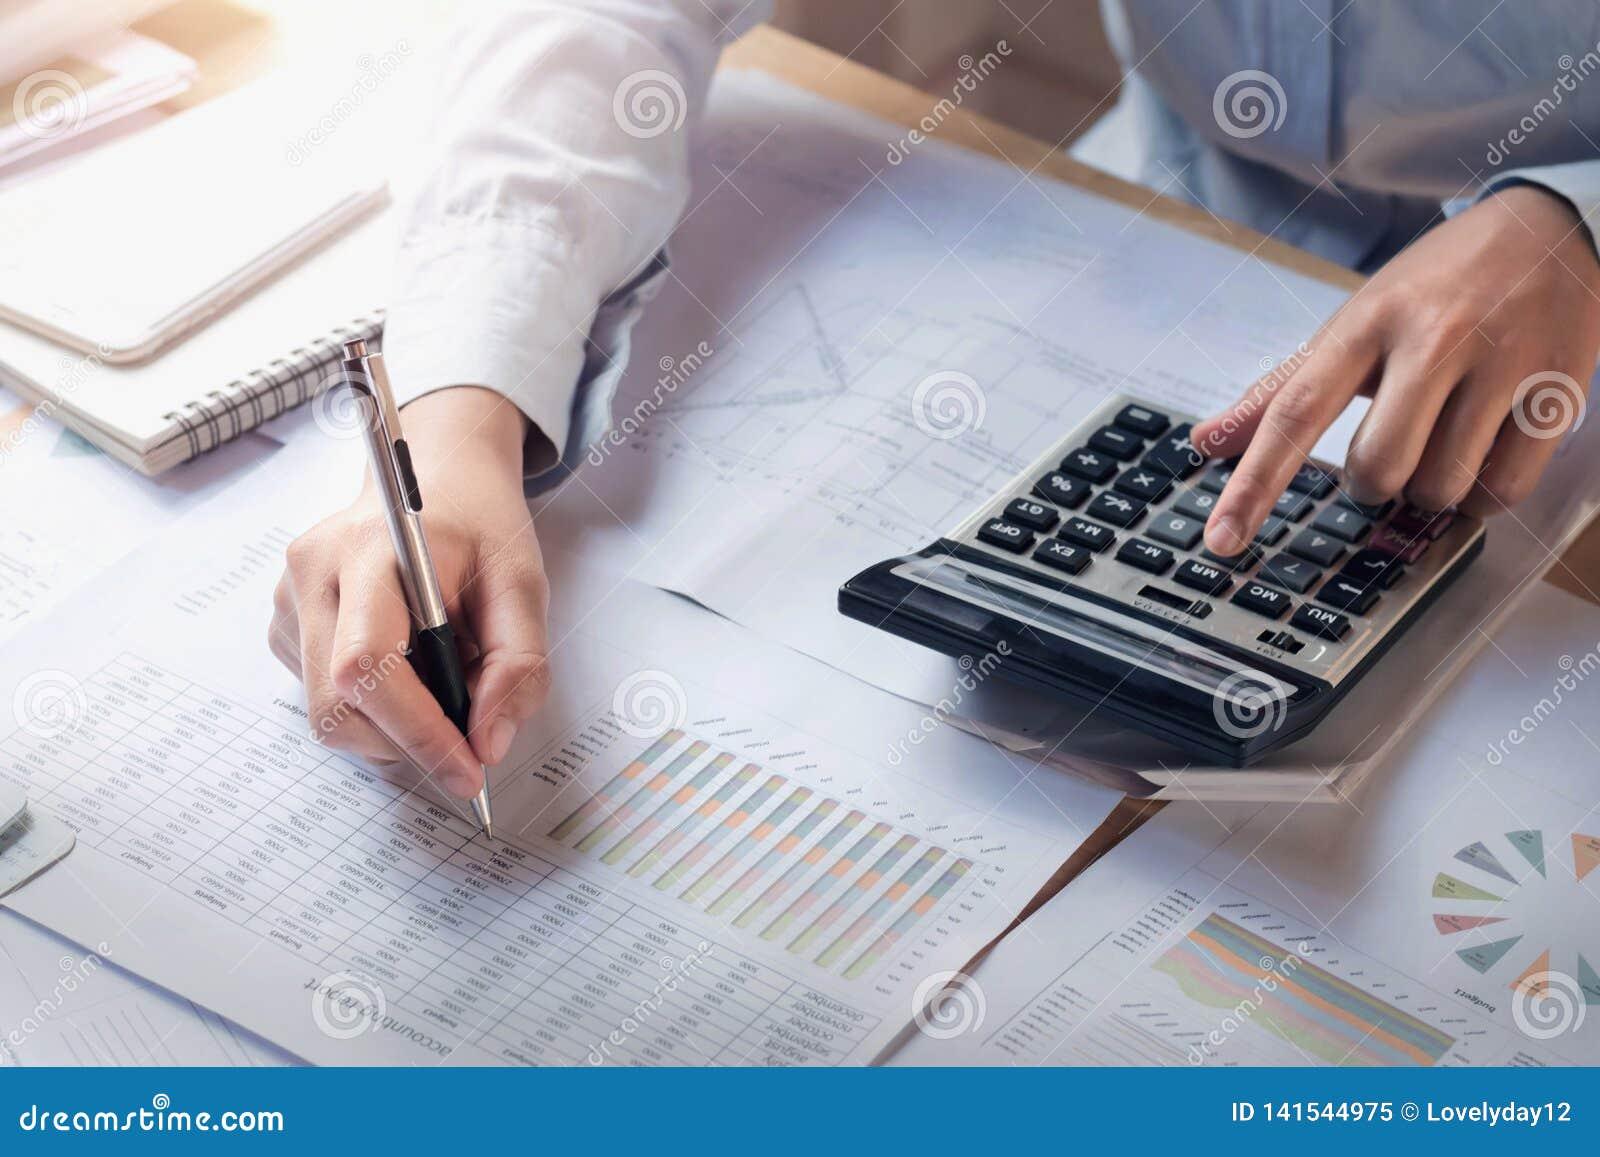 Finans och redogöra begrepp affärskvinna som arbetar på skrivbordet genom att använda räknemaskinen för att beräkna